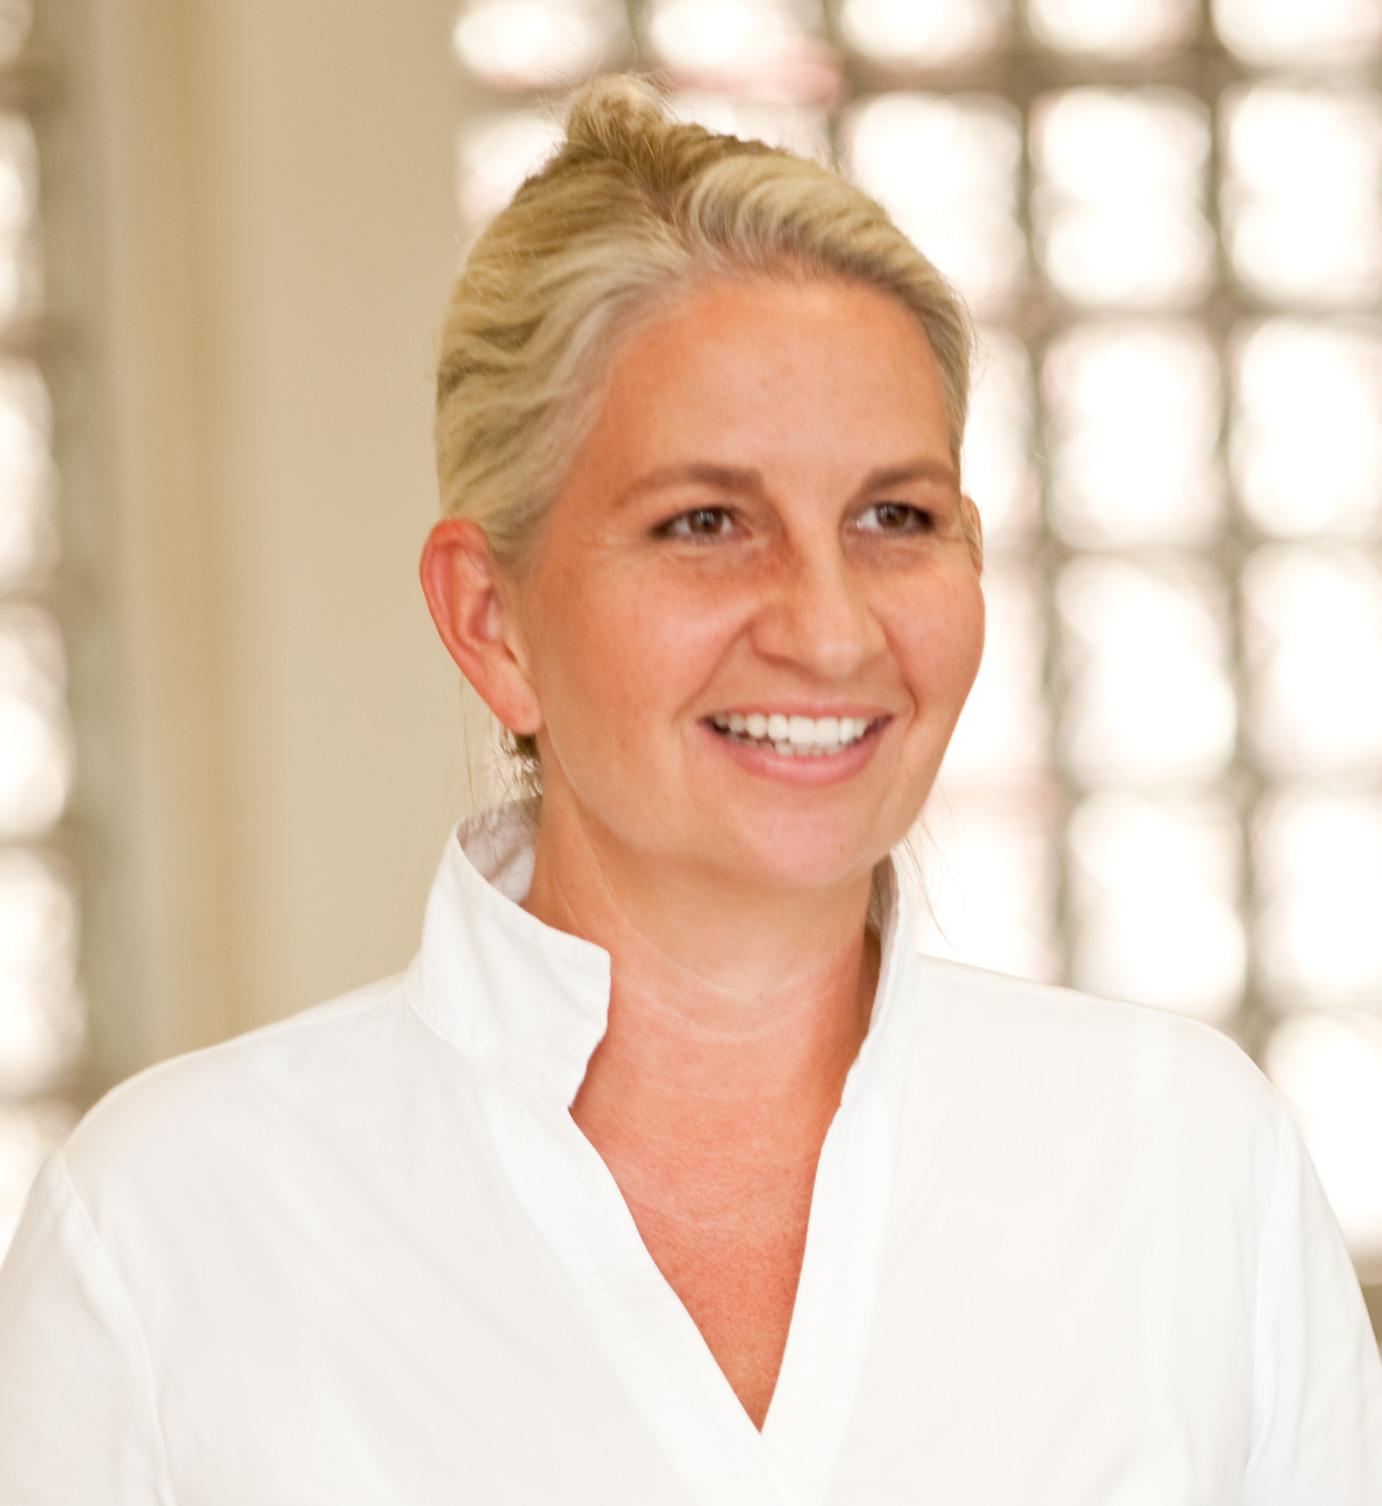 Stephanie Hohnholt ist die geschäftsführende Gesellschafterin